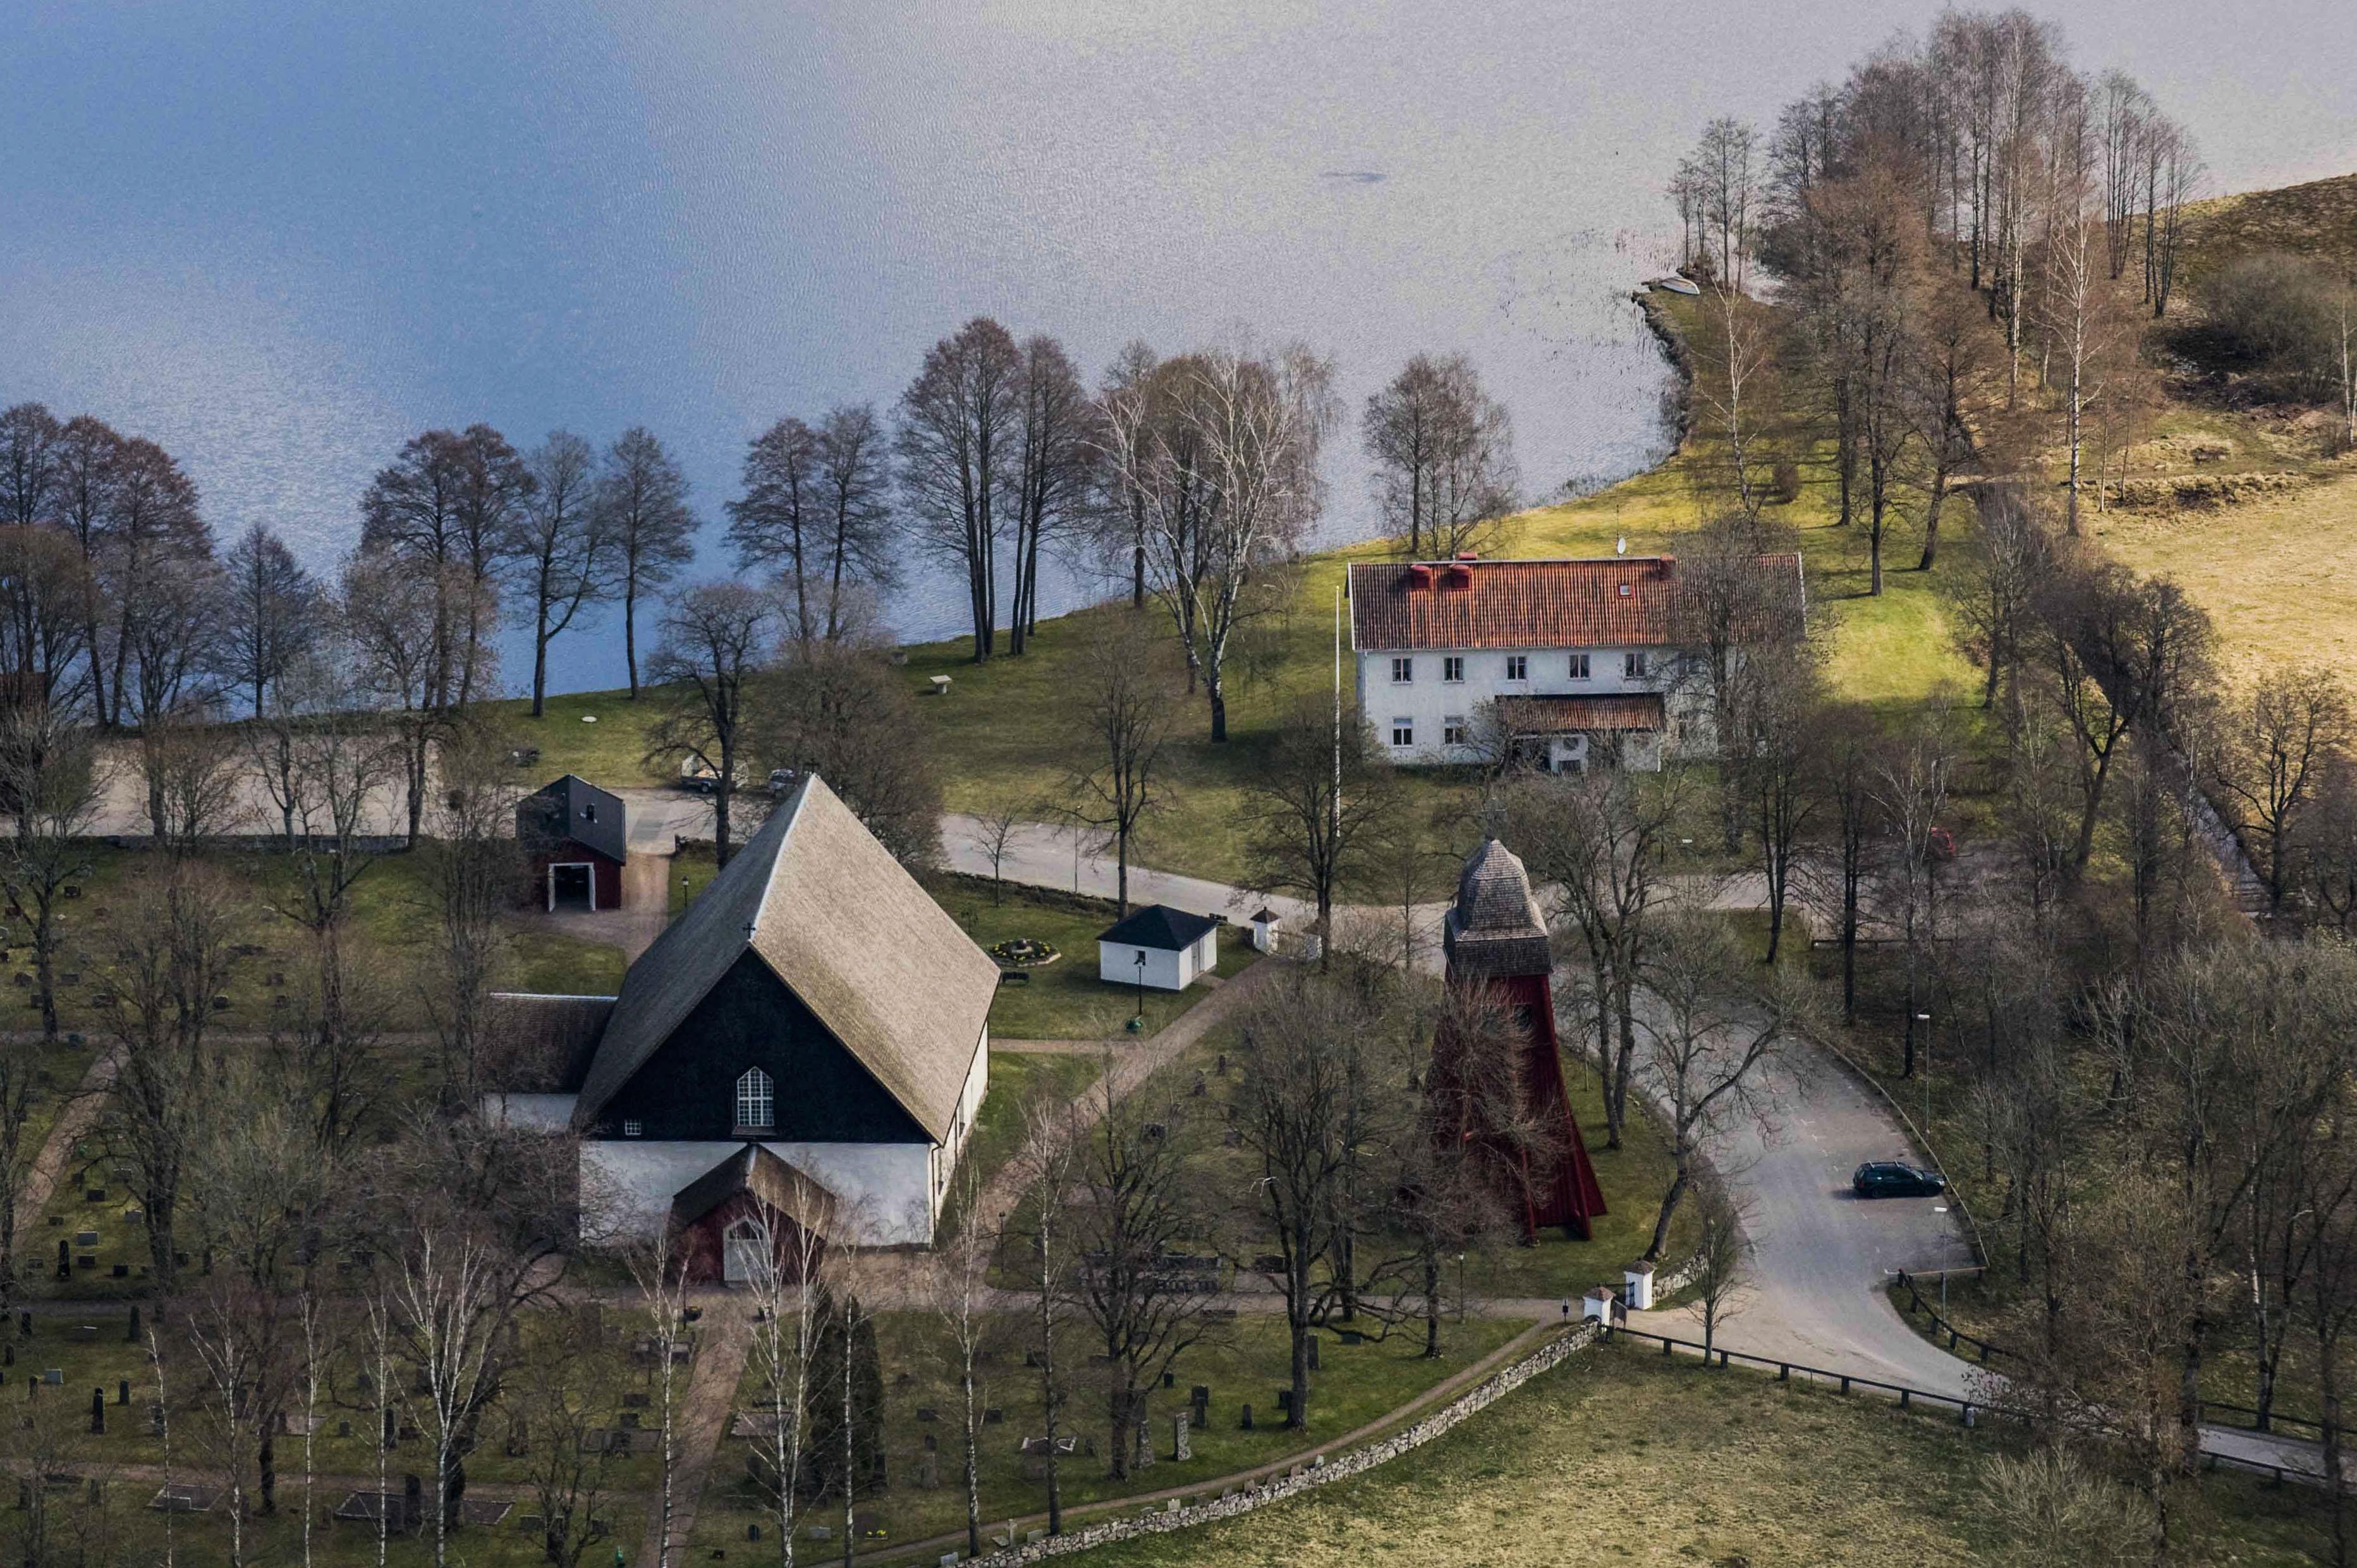 Norra Sandsj Kyrkogrd in Bodafors, Jnkpings ln - Find A